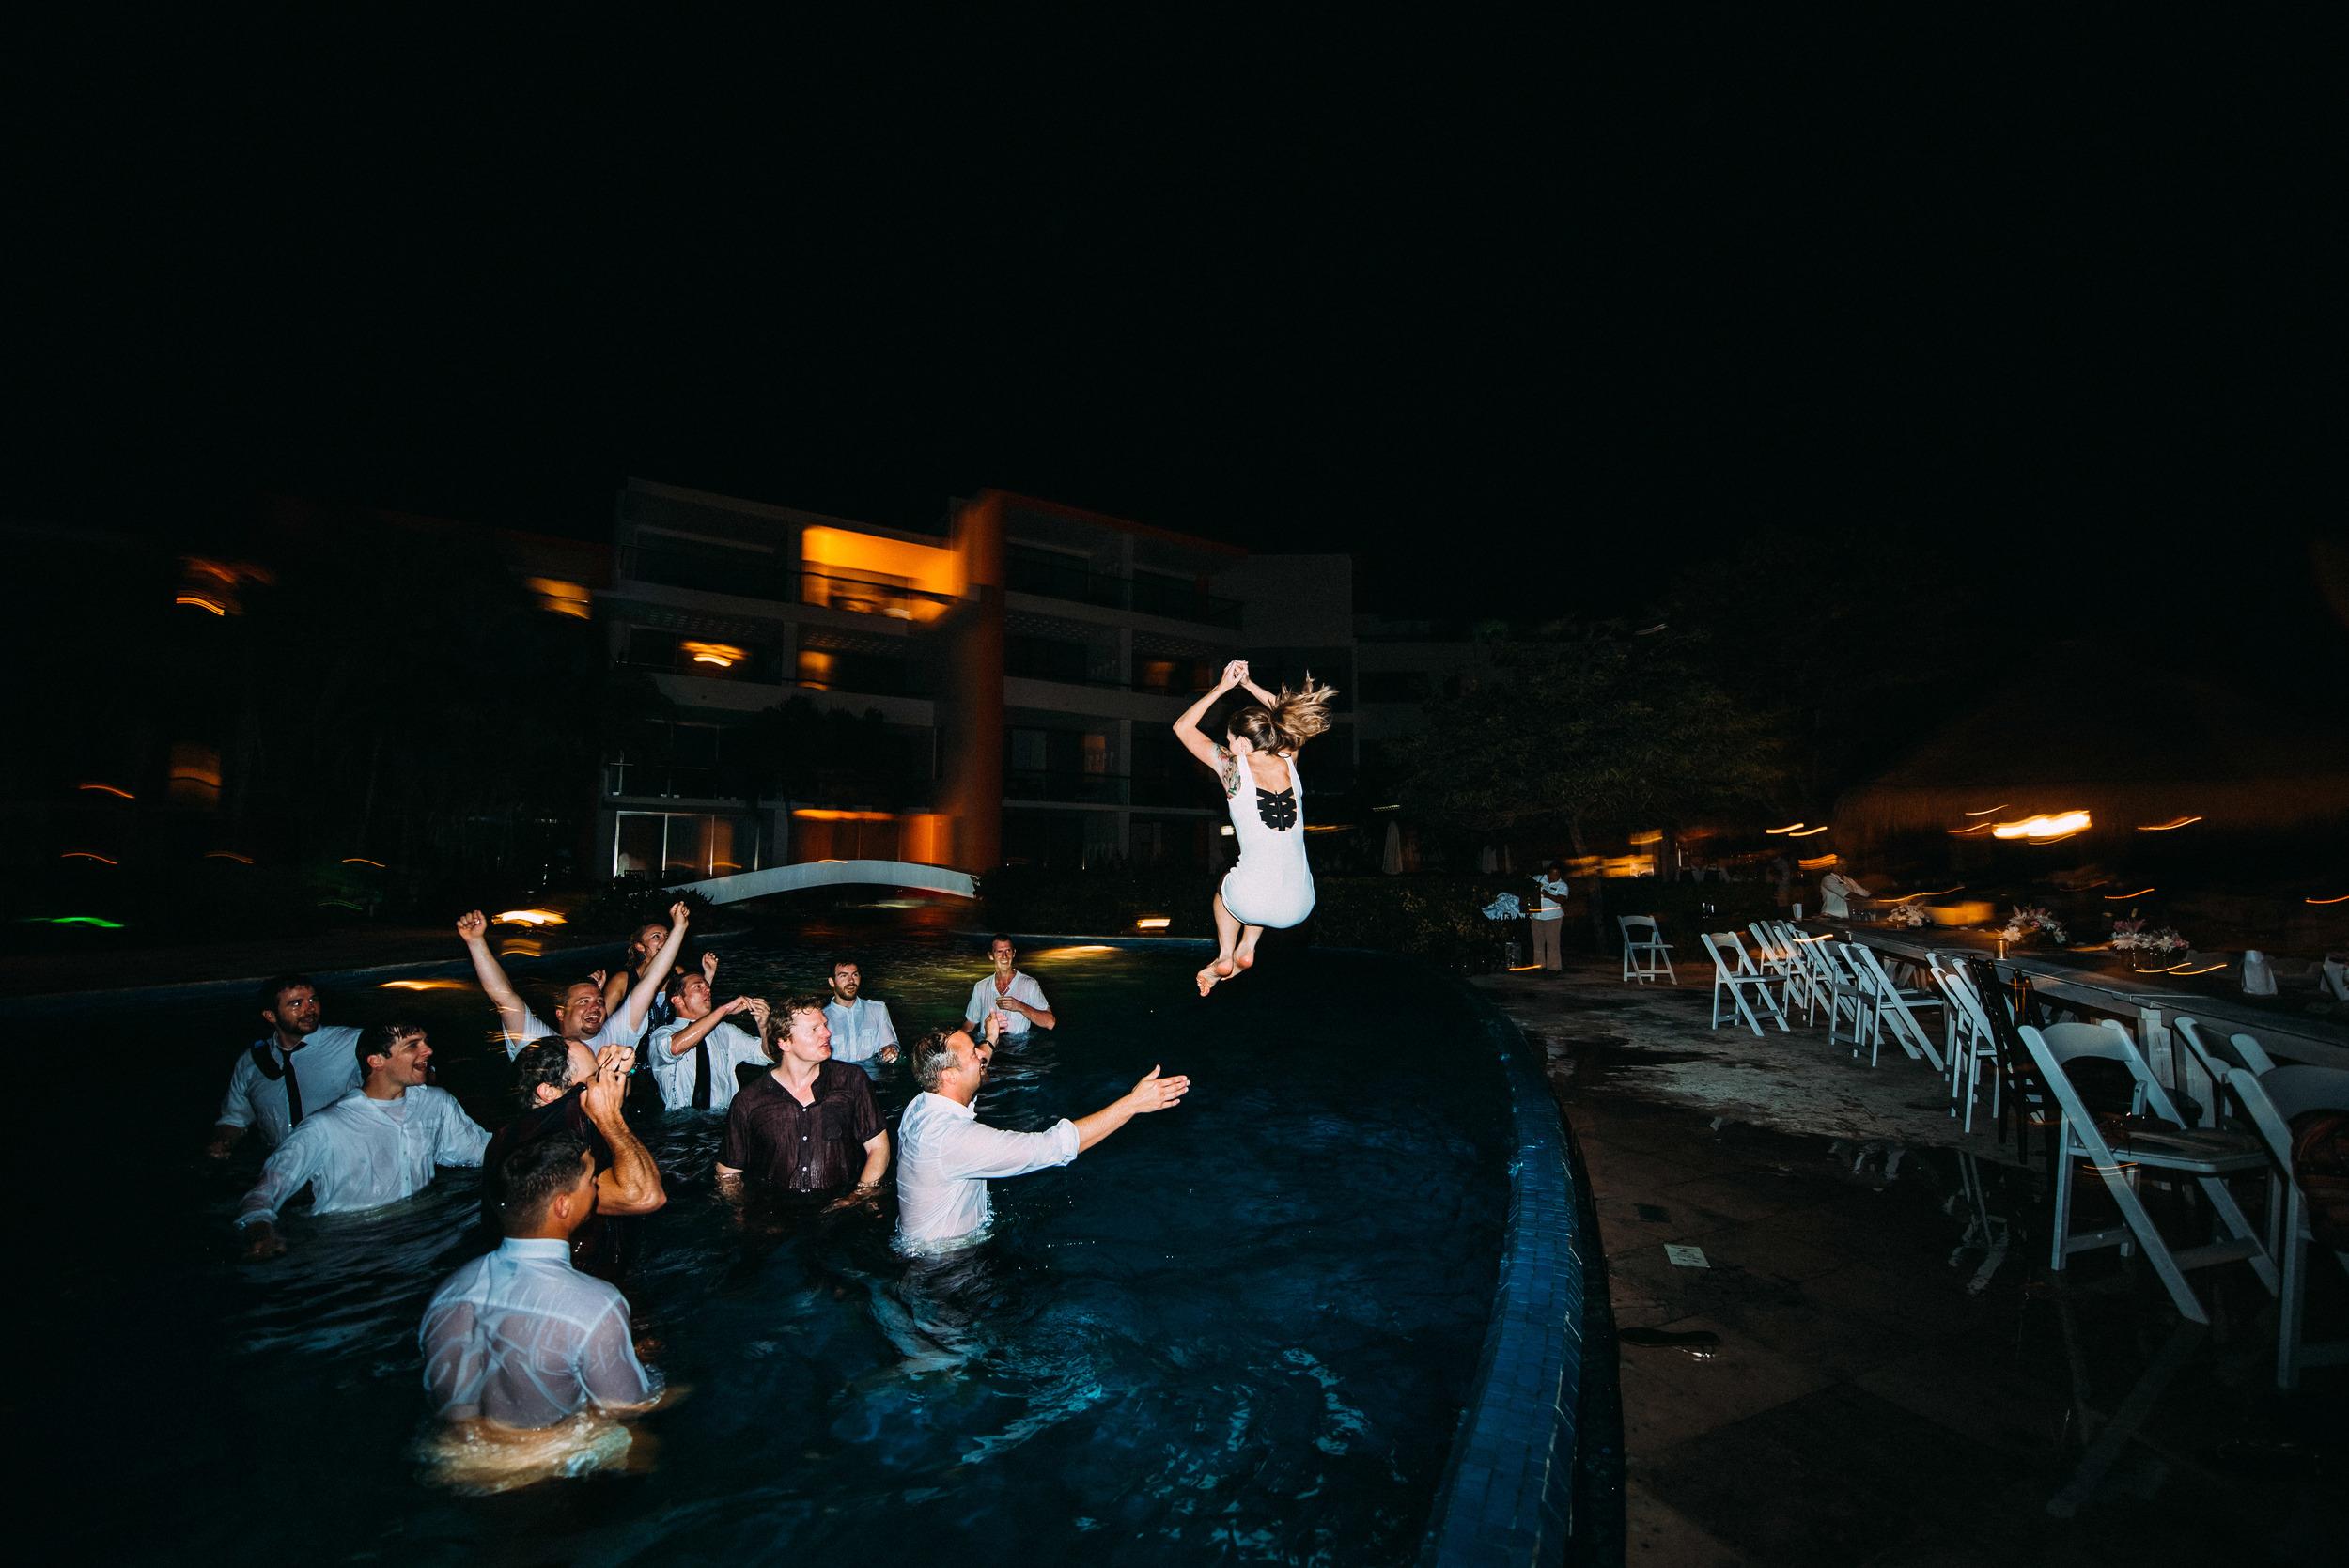 BrideJumpsInPoolMexico